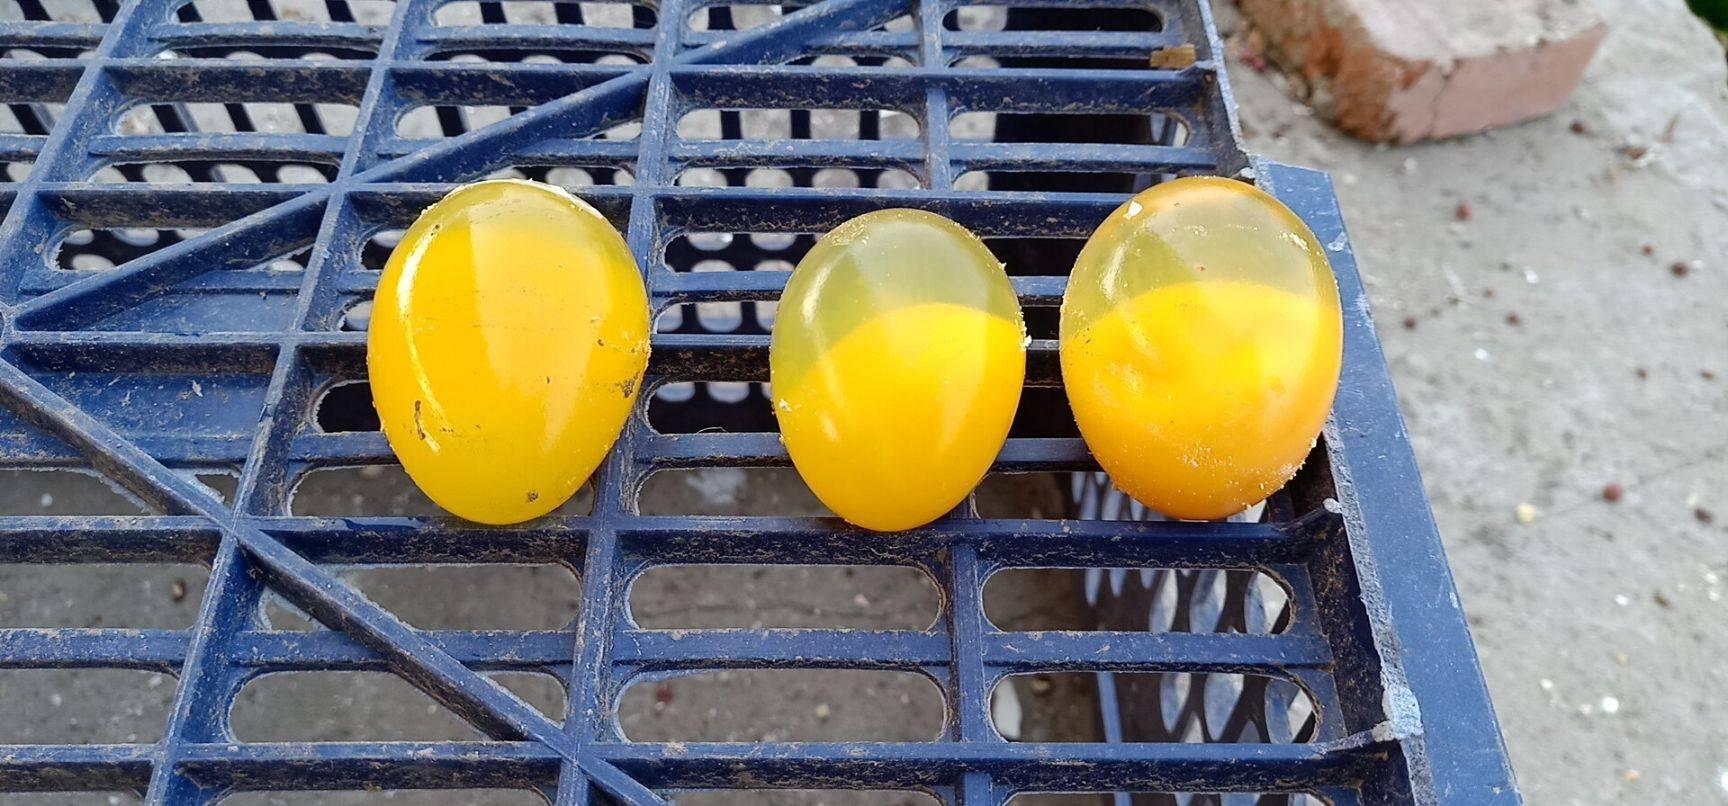 [无铅皮蛋批发]无铅皮蛋 每箱数量180个,欢迎来电价格100元/箱